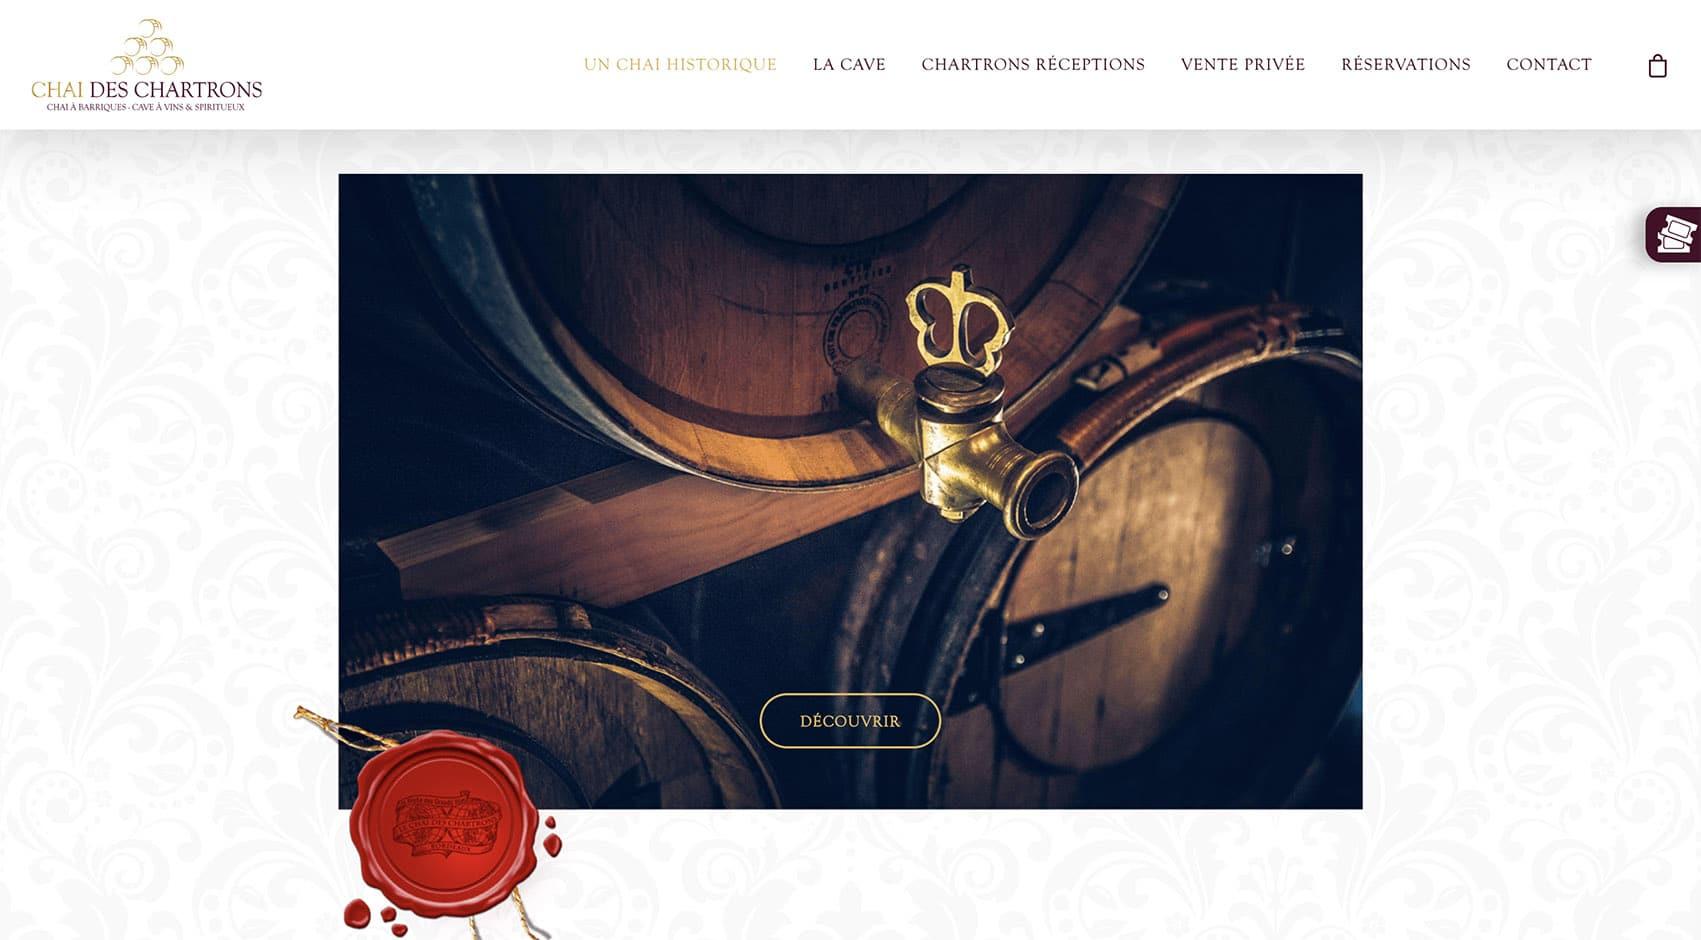 Le Chai des Chartrons, site e-commerce réalisé par Romain Favraud